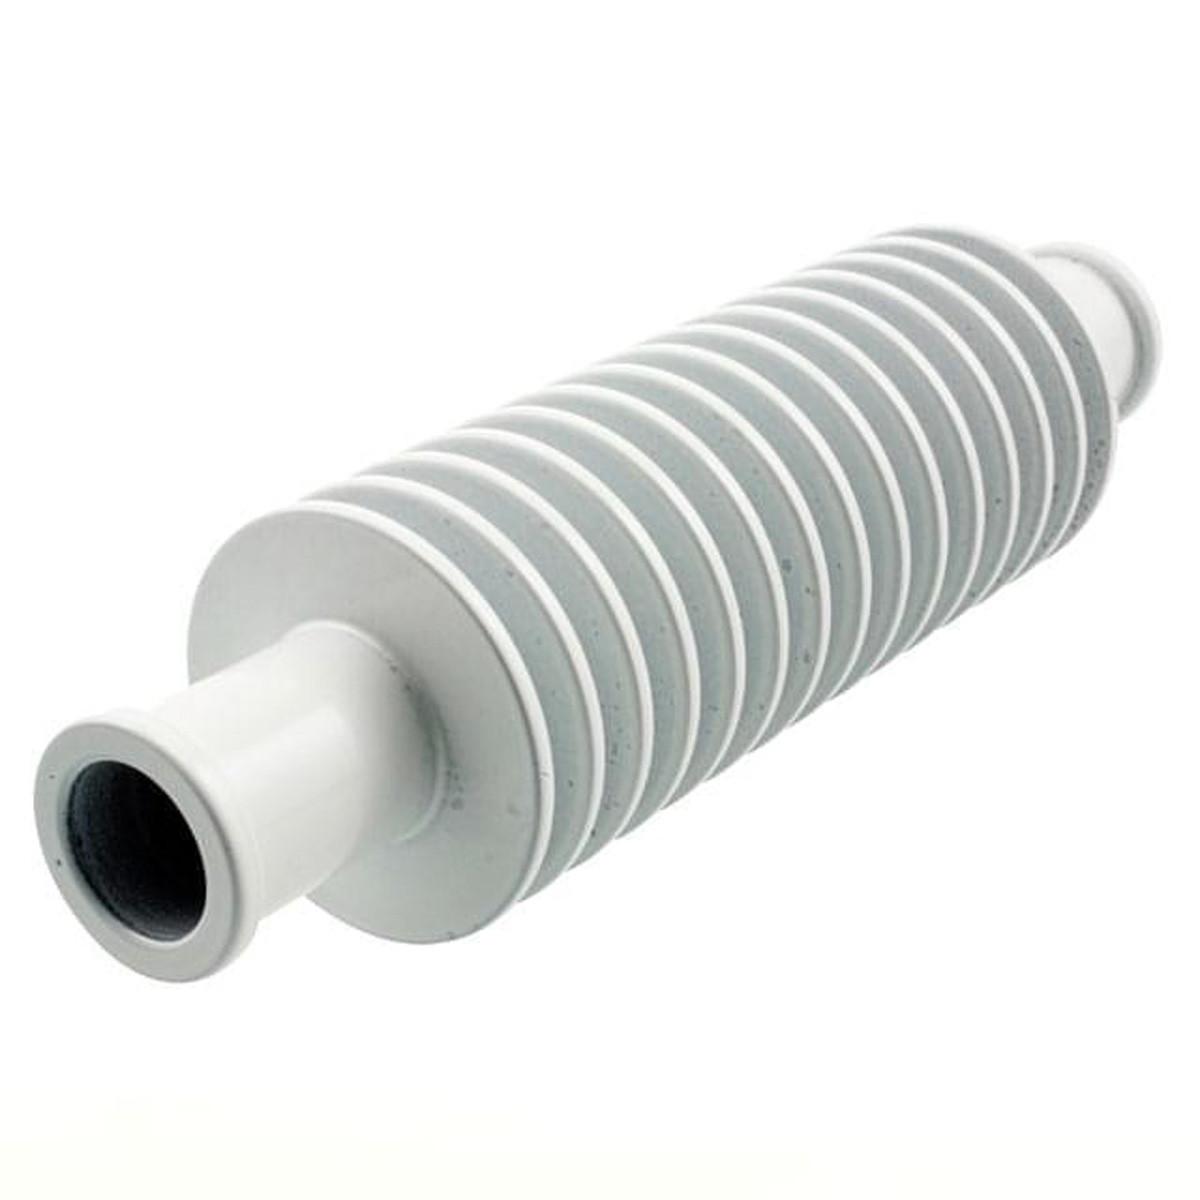 Radiateur pour durite de refroidissement - STR8 17mm Blanc